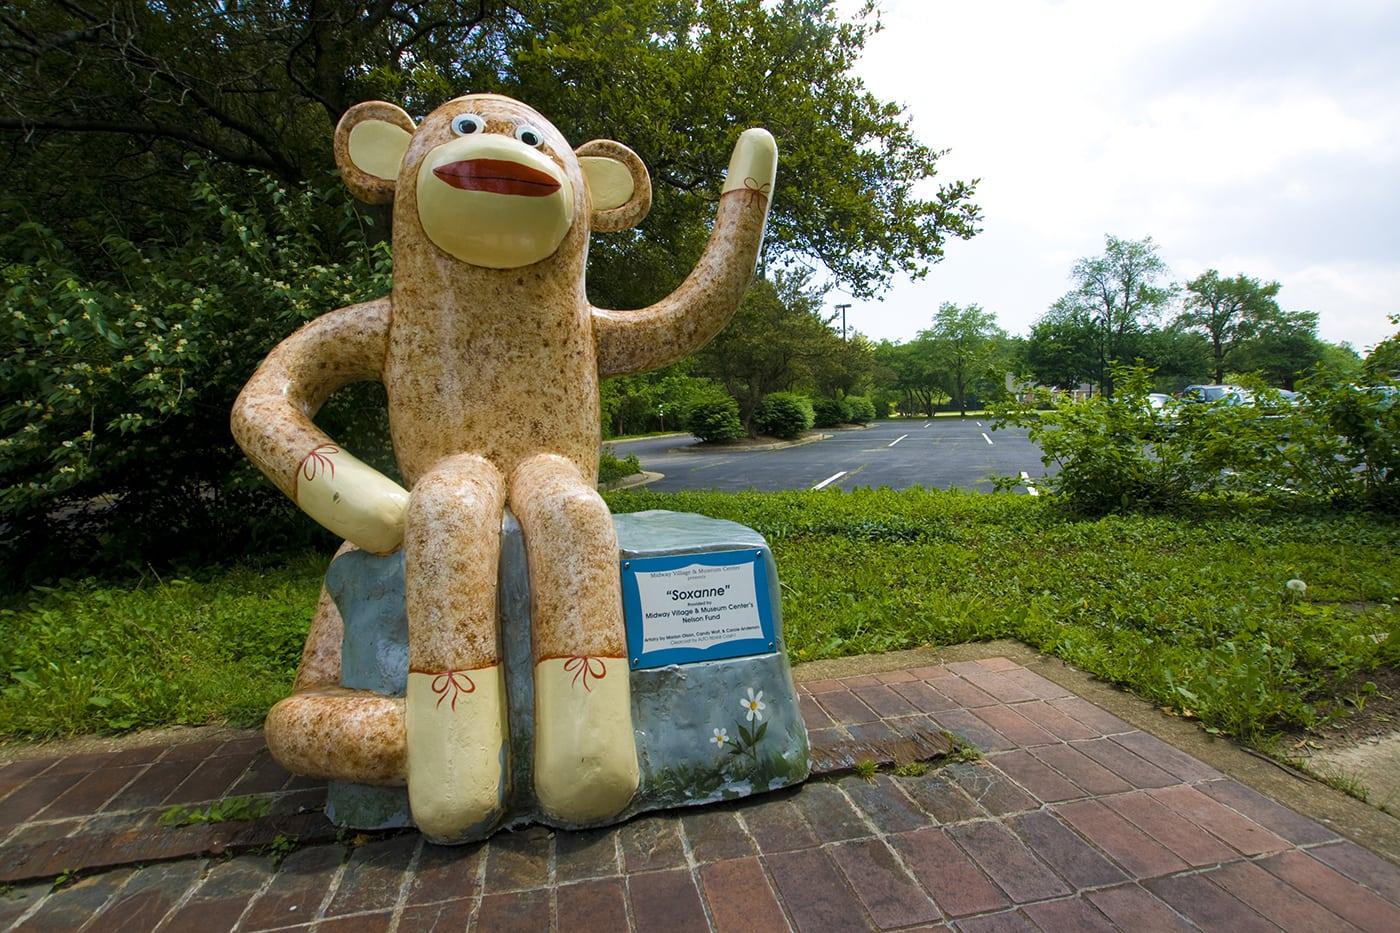 Sock Monkey museum in Rockford, Illinois.Sock Monkey museum in Rockford, Illinois.